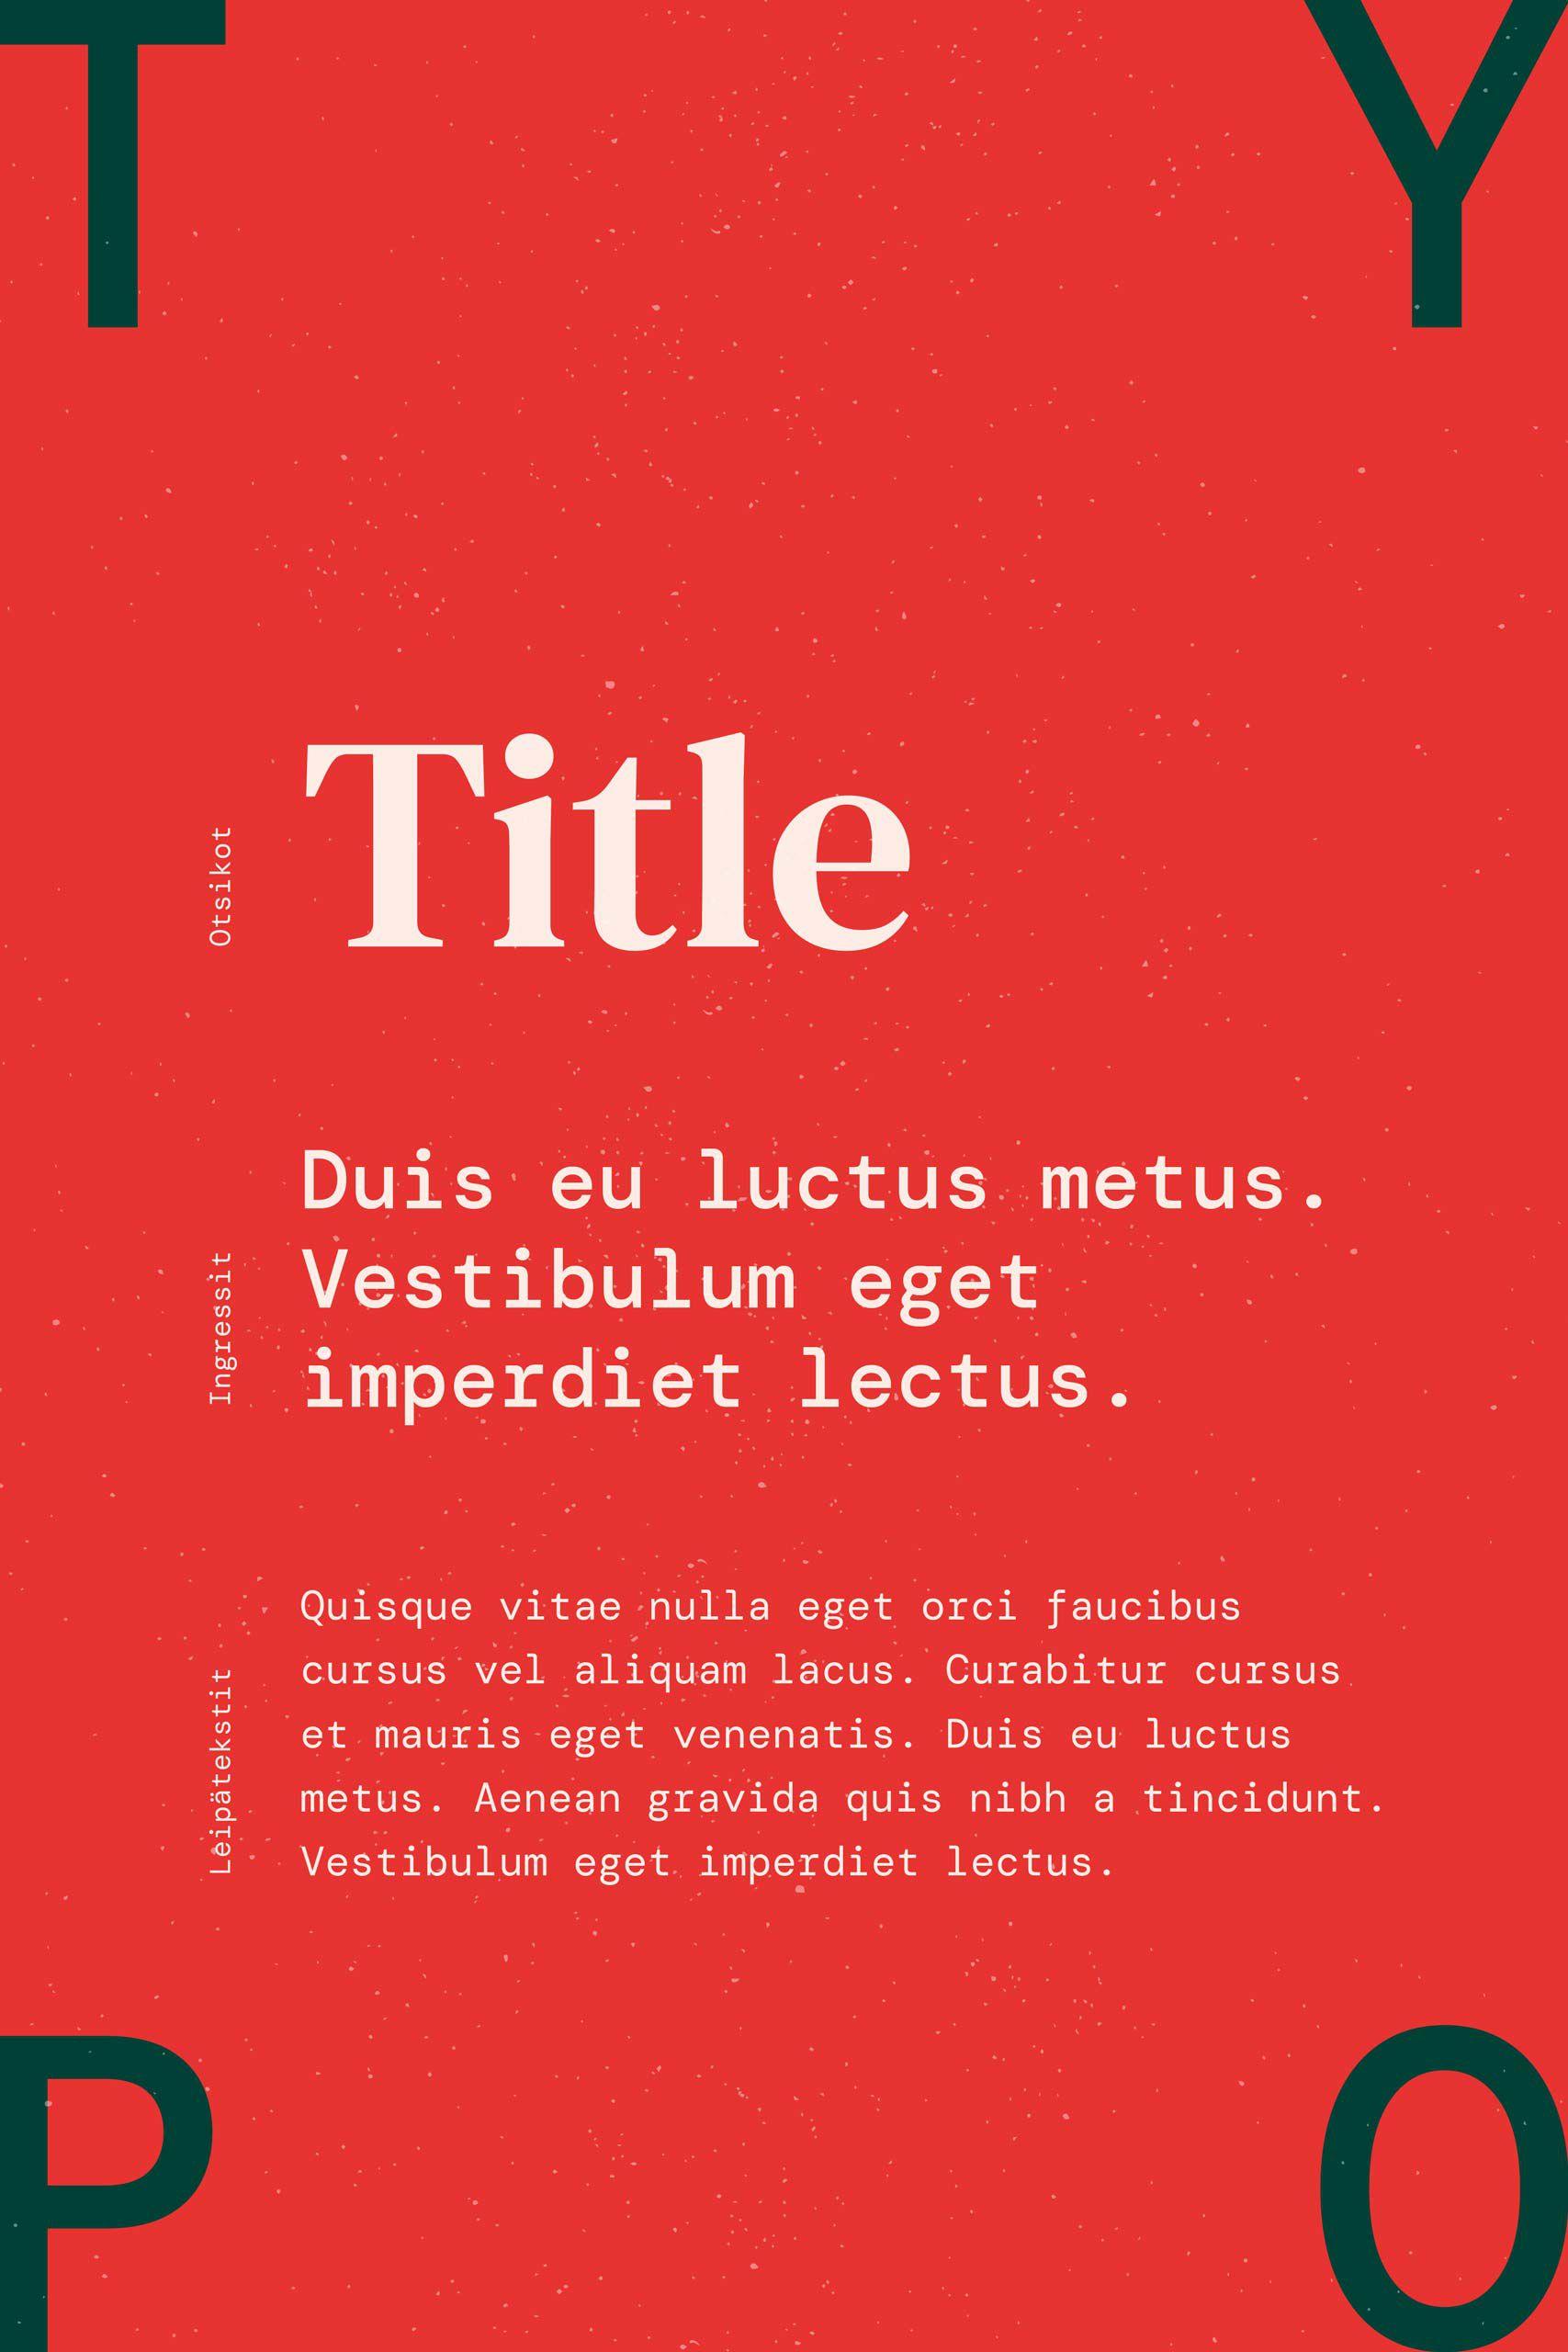 Puisto_Lystikama_Visuaalinen_Identiteetti_Kuvat_Typografia.jpg